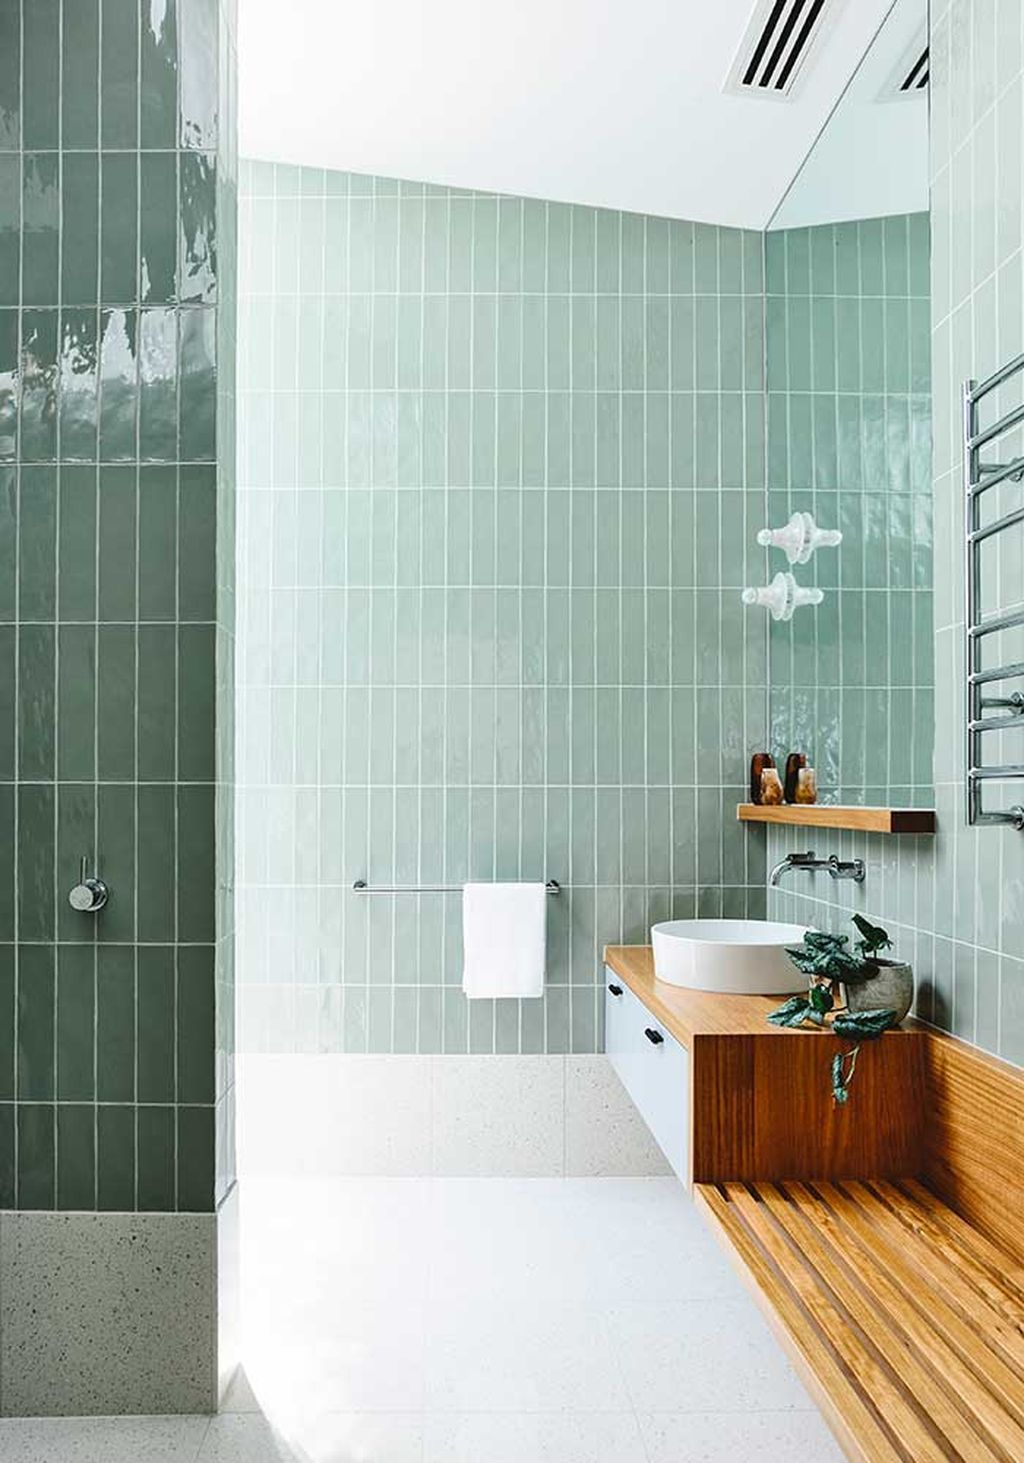 roomed-tegels.jpg (1024×1463) | Room | Pinterest | Seaside getaway ...